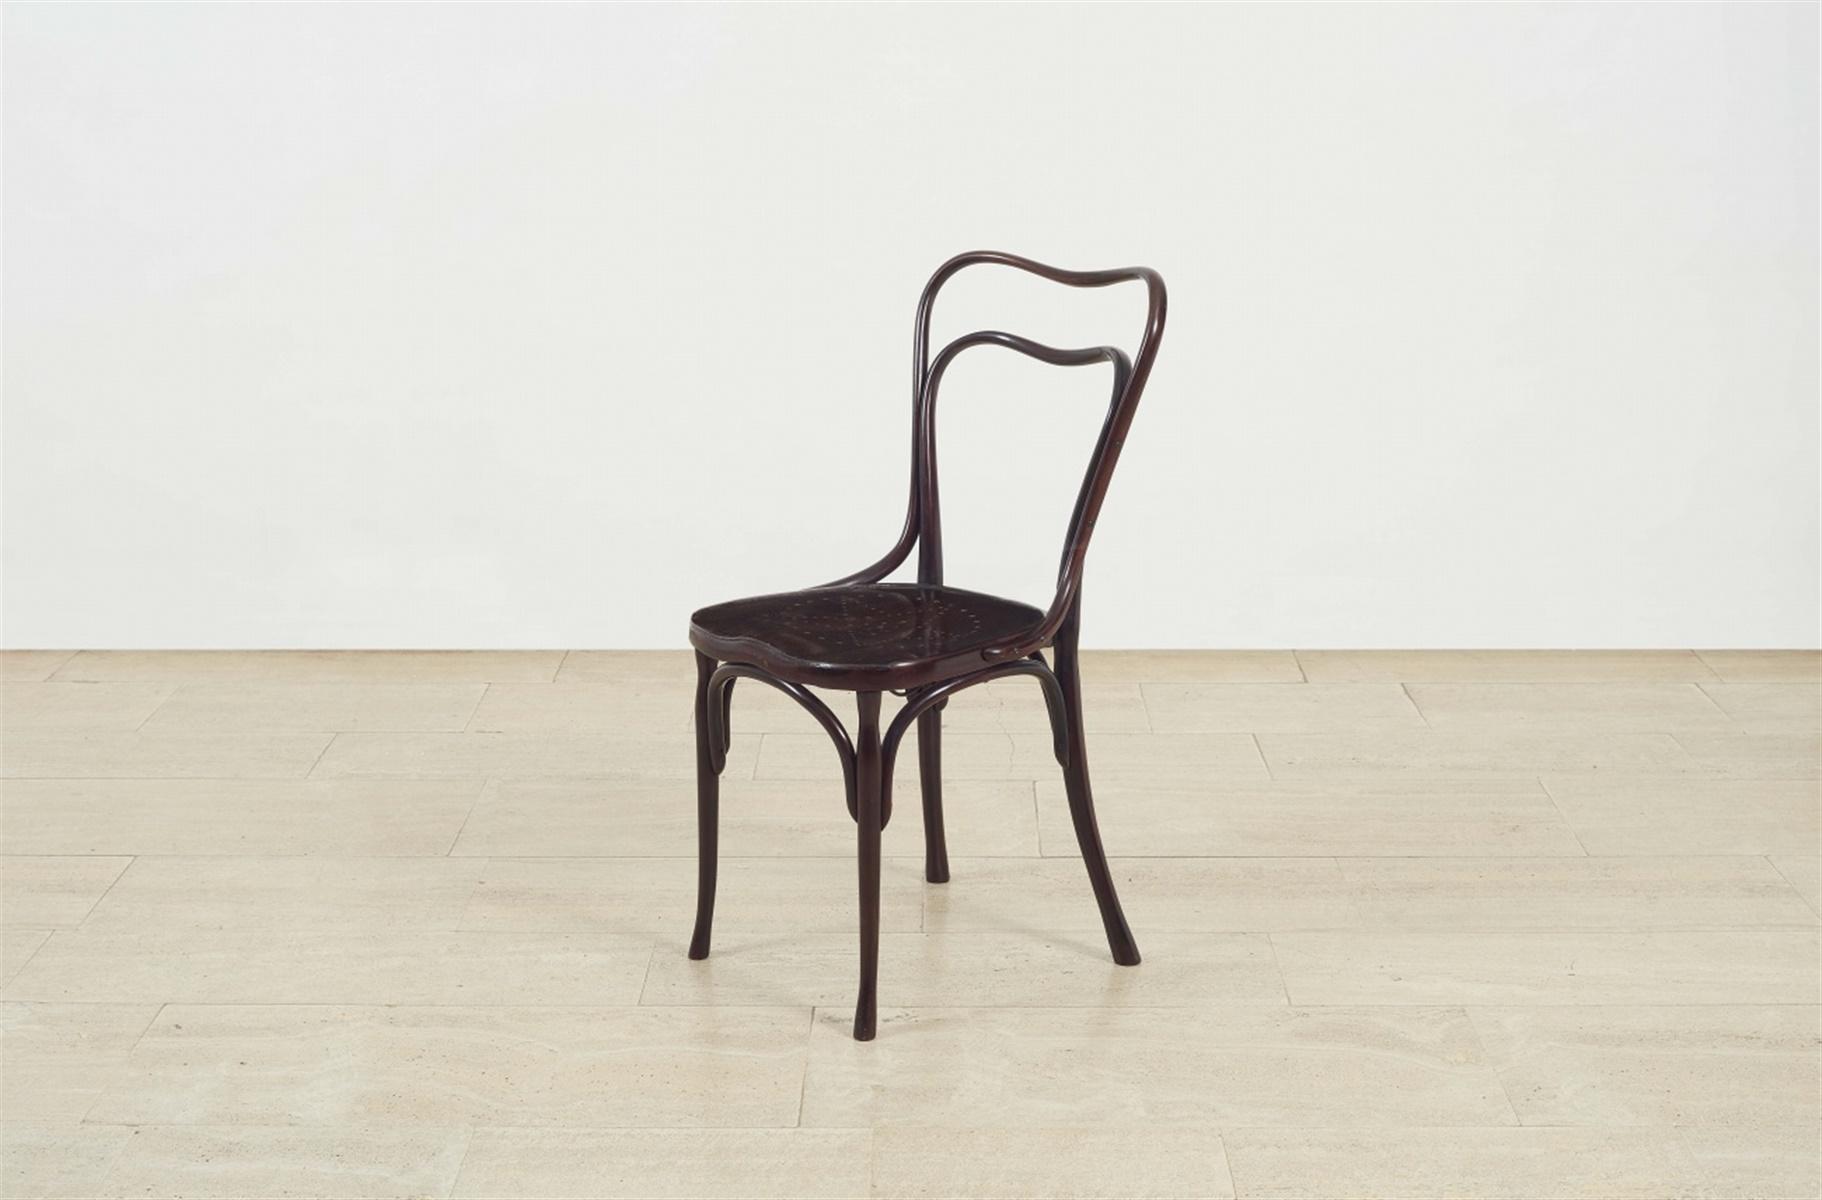 """Lot 60 - Stuhl """"Café Museum""""Buche als Bugholz, dunkelrot gefasst, perforiert, Schmiedeeisen. Fassung der"""